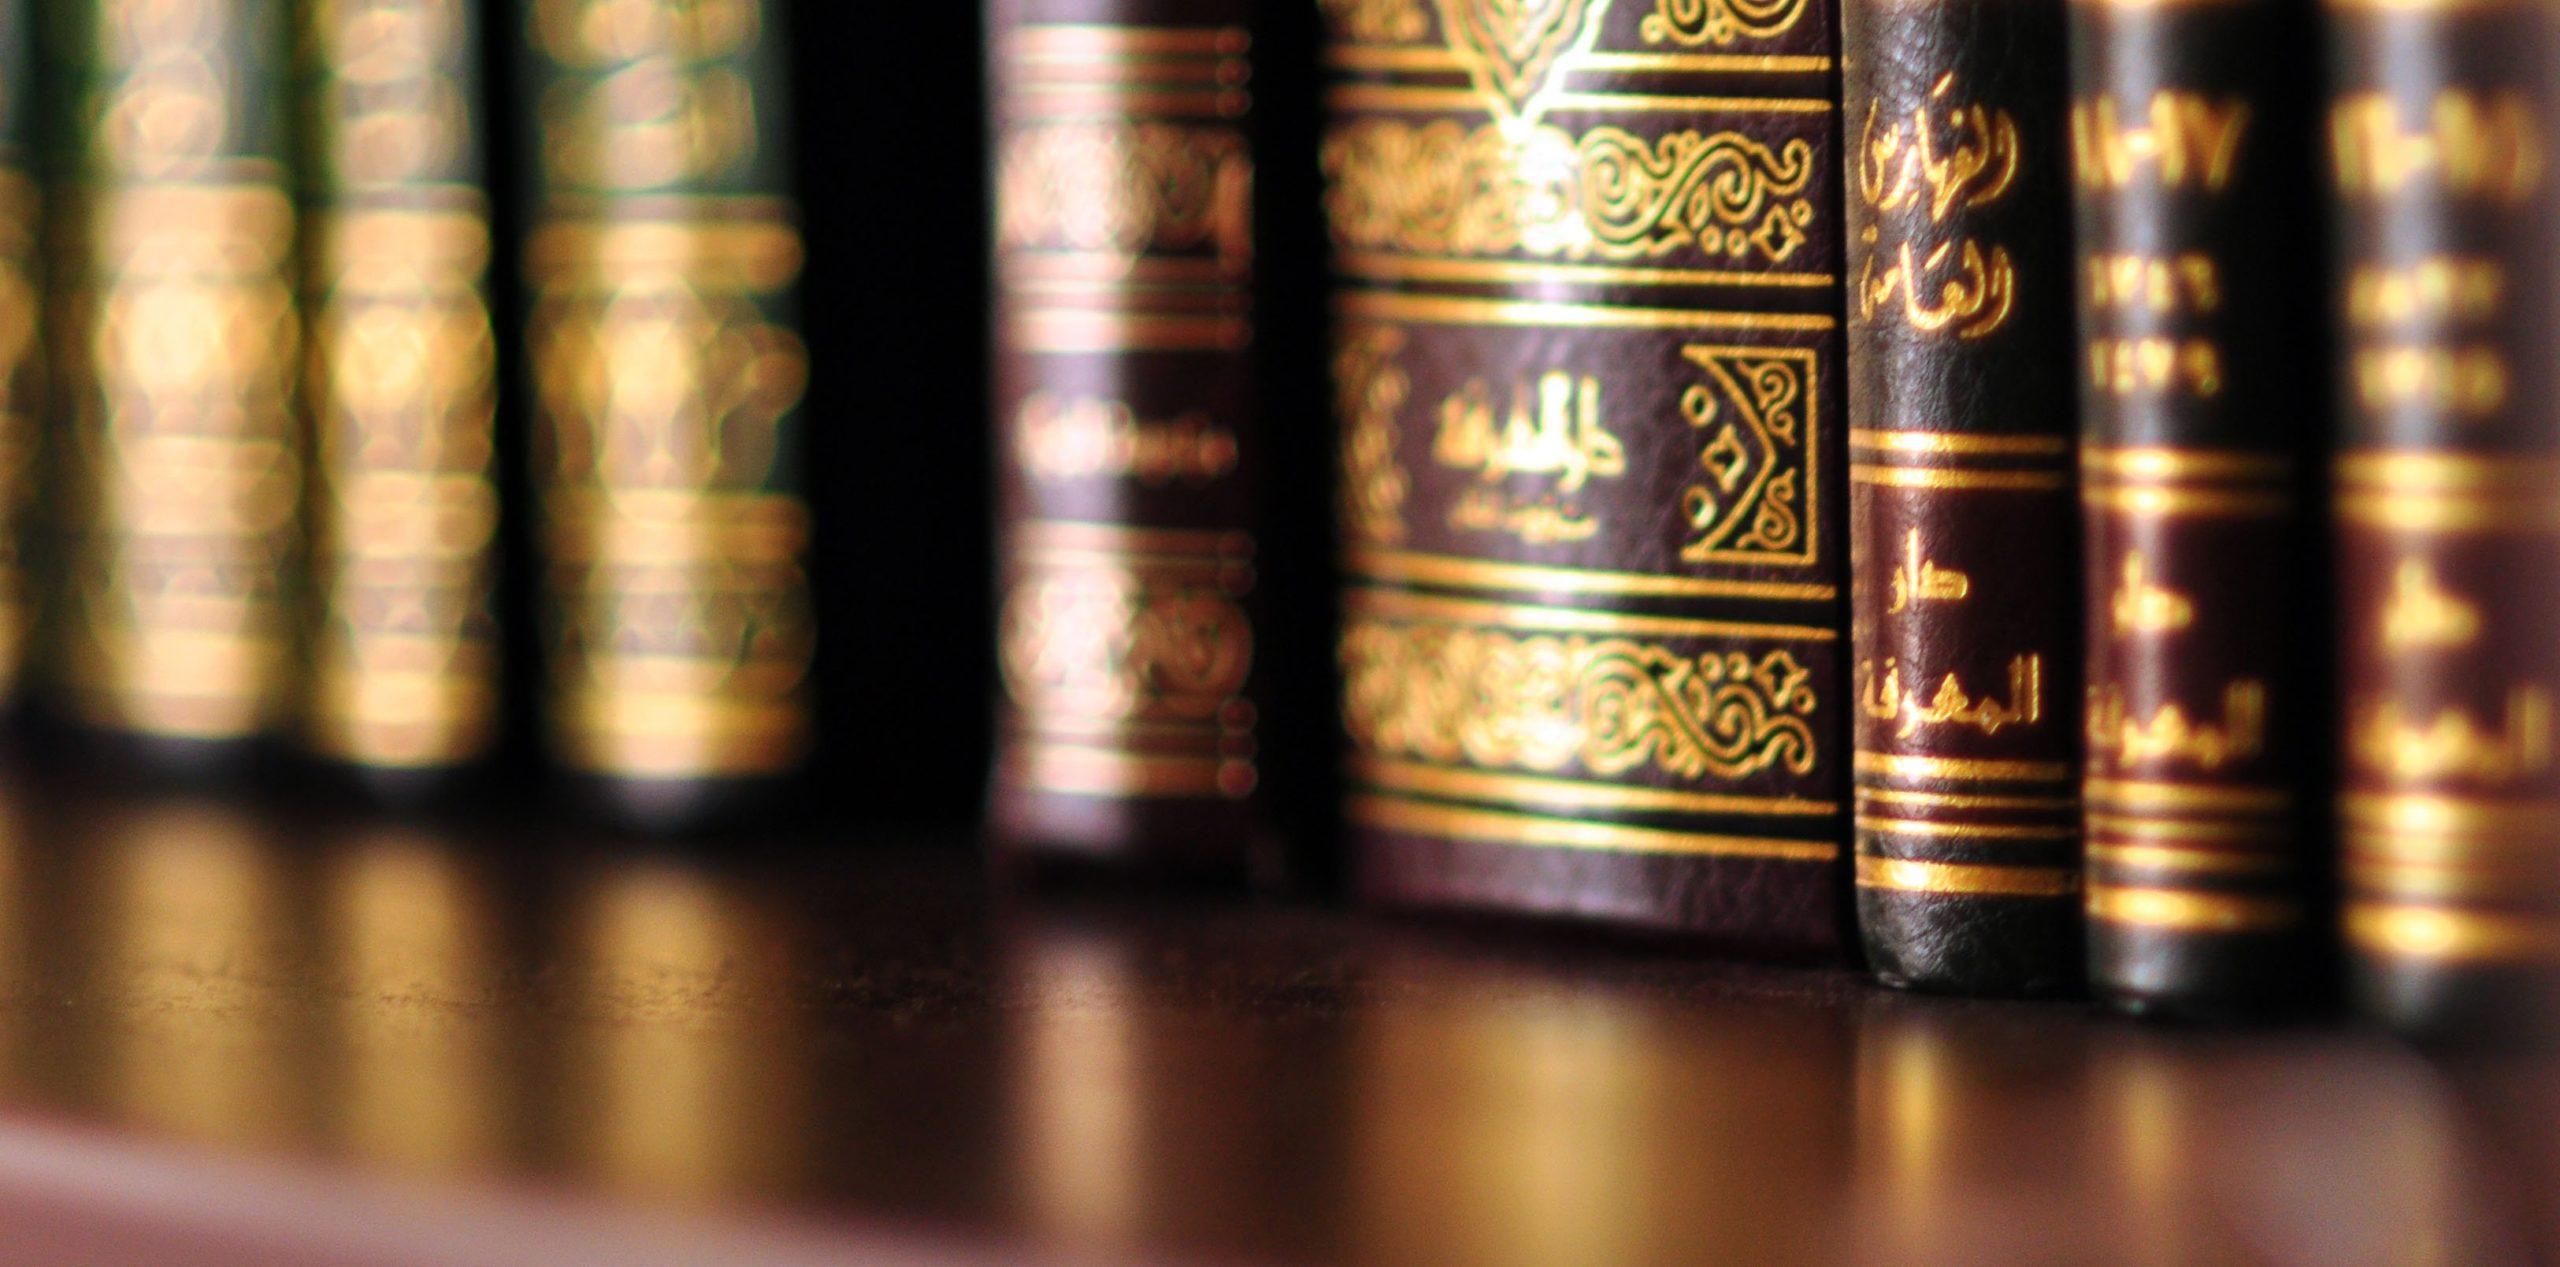 Le récit du Hadith